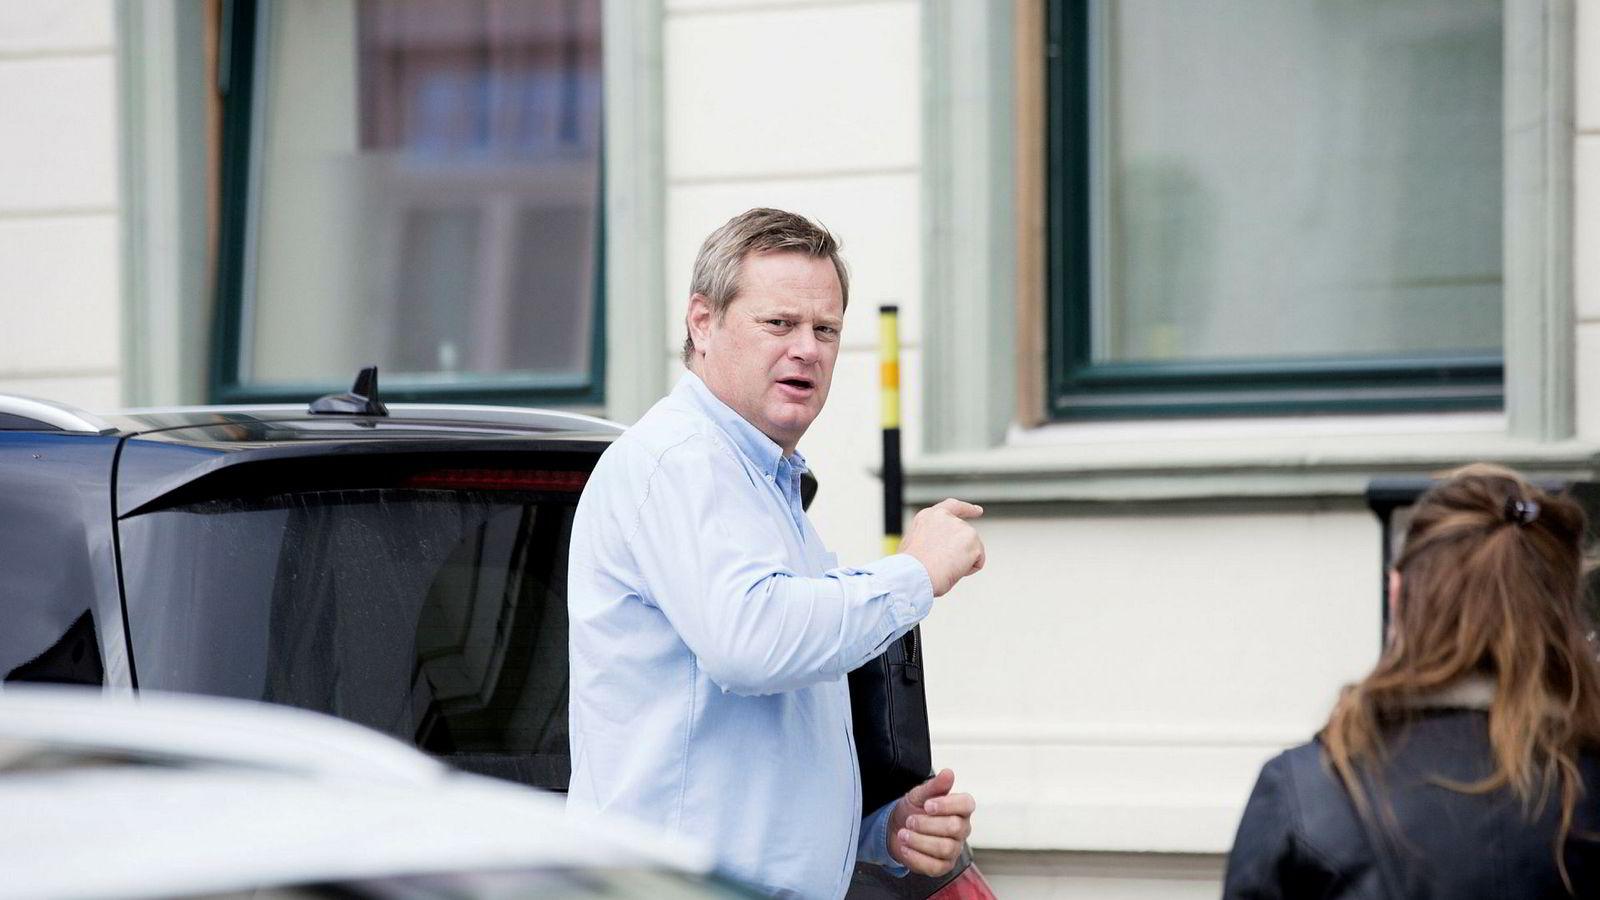 Krafttraderen Einar Aas står i fare for å bli slått personlig konkurs som følge av feilslåtte veddemål i kraftmarkedet.